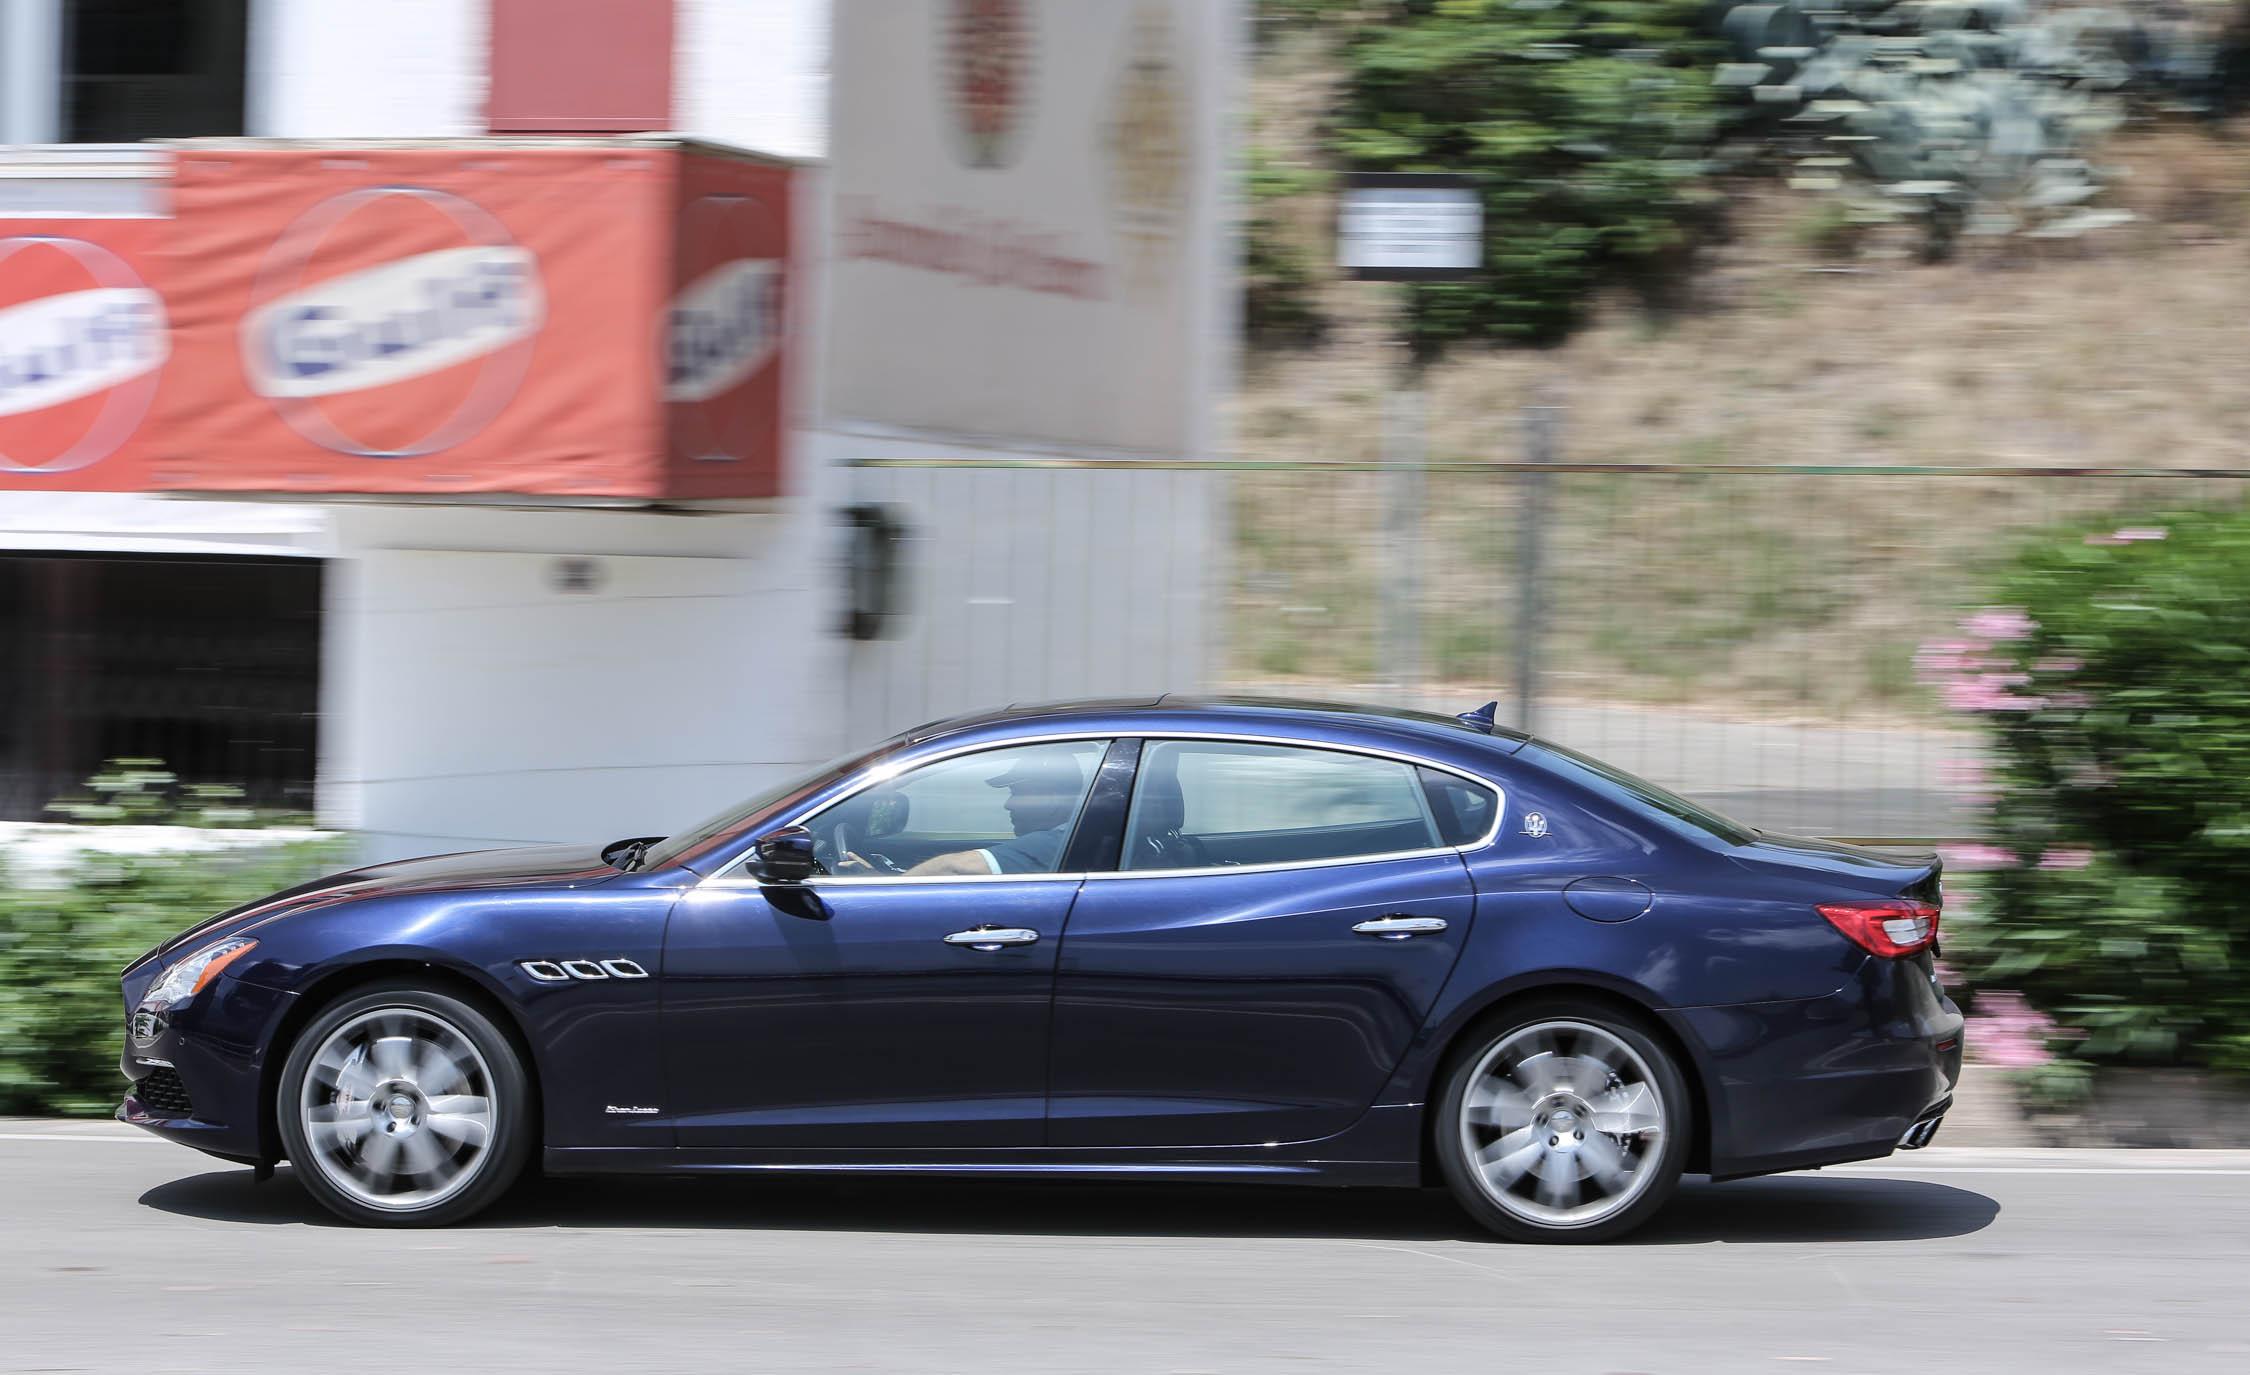 2017 Maserati Quattroporte GTS GranLusso (View 11 of 55)